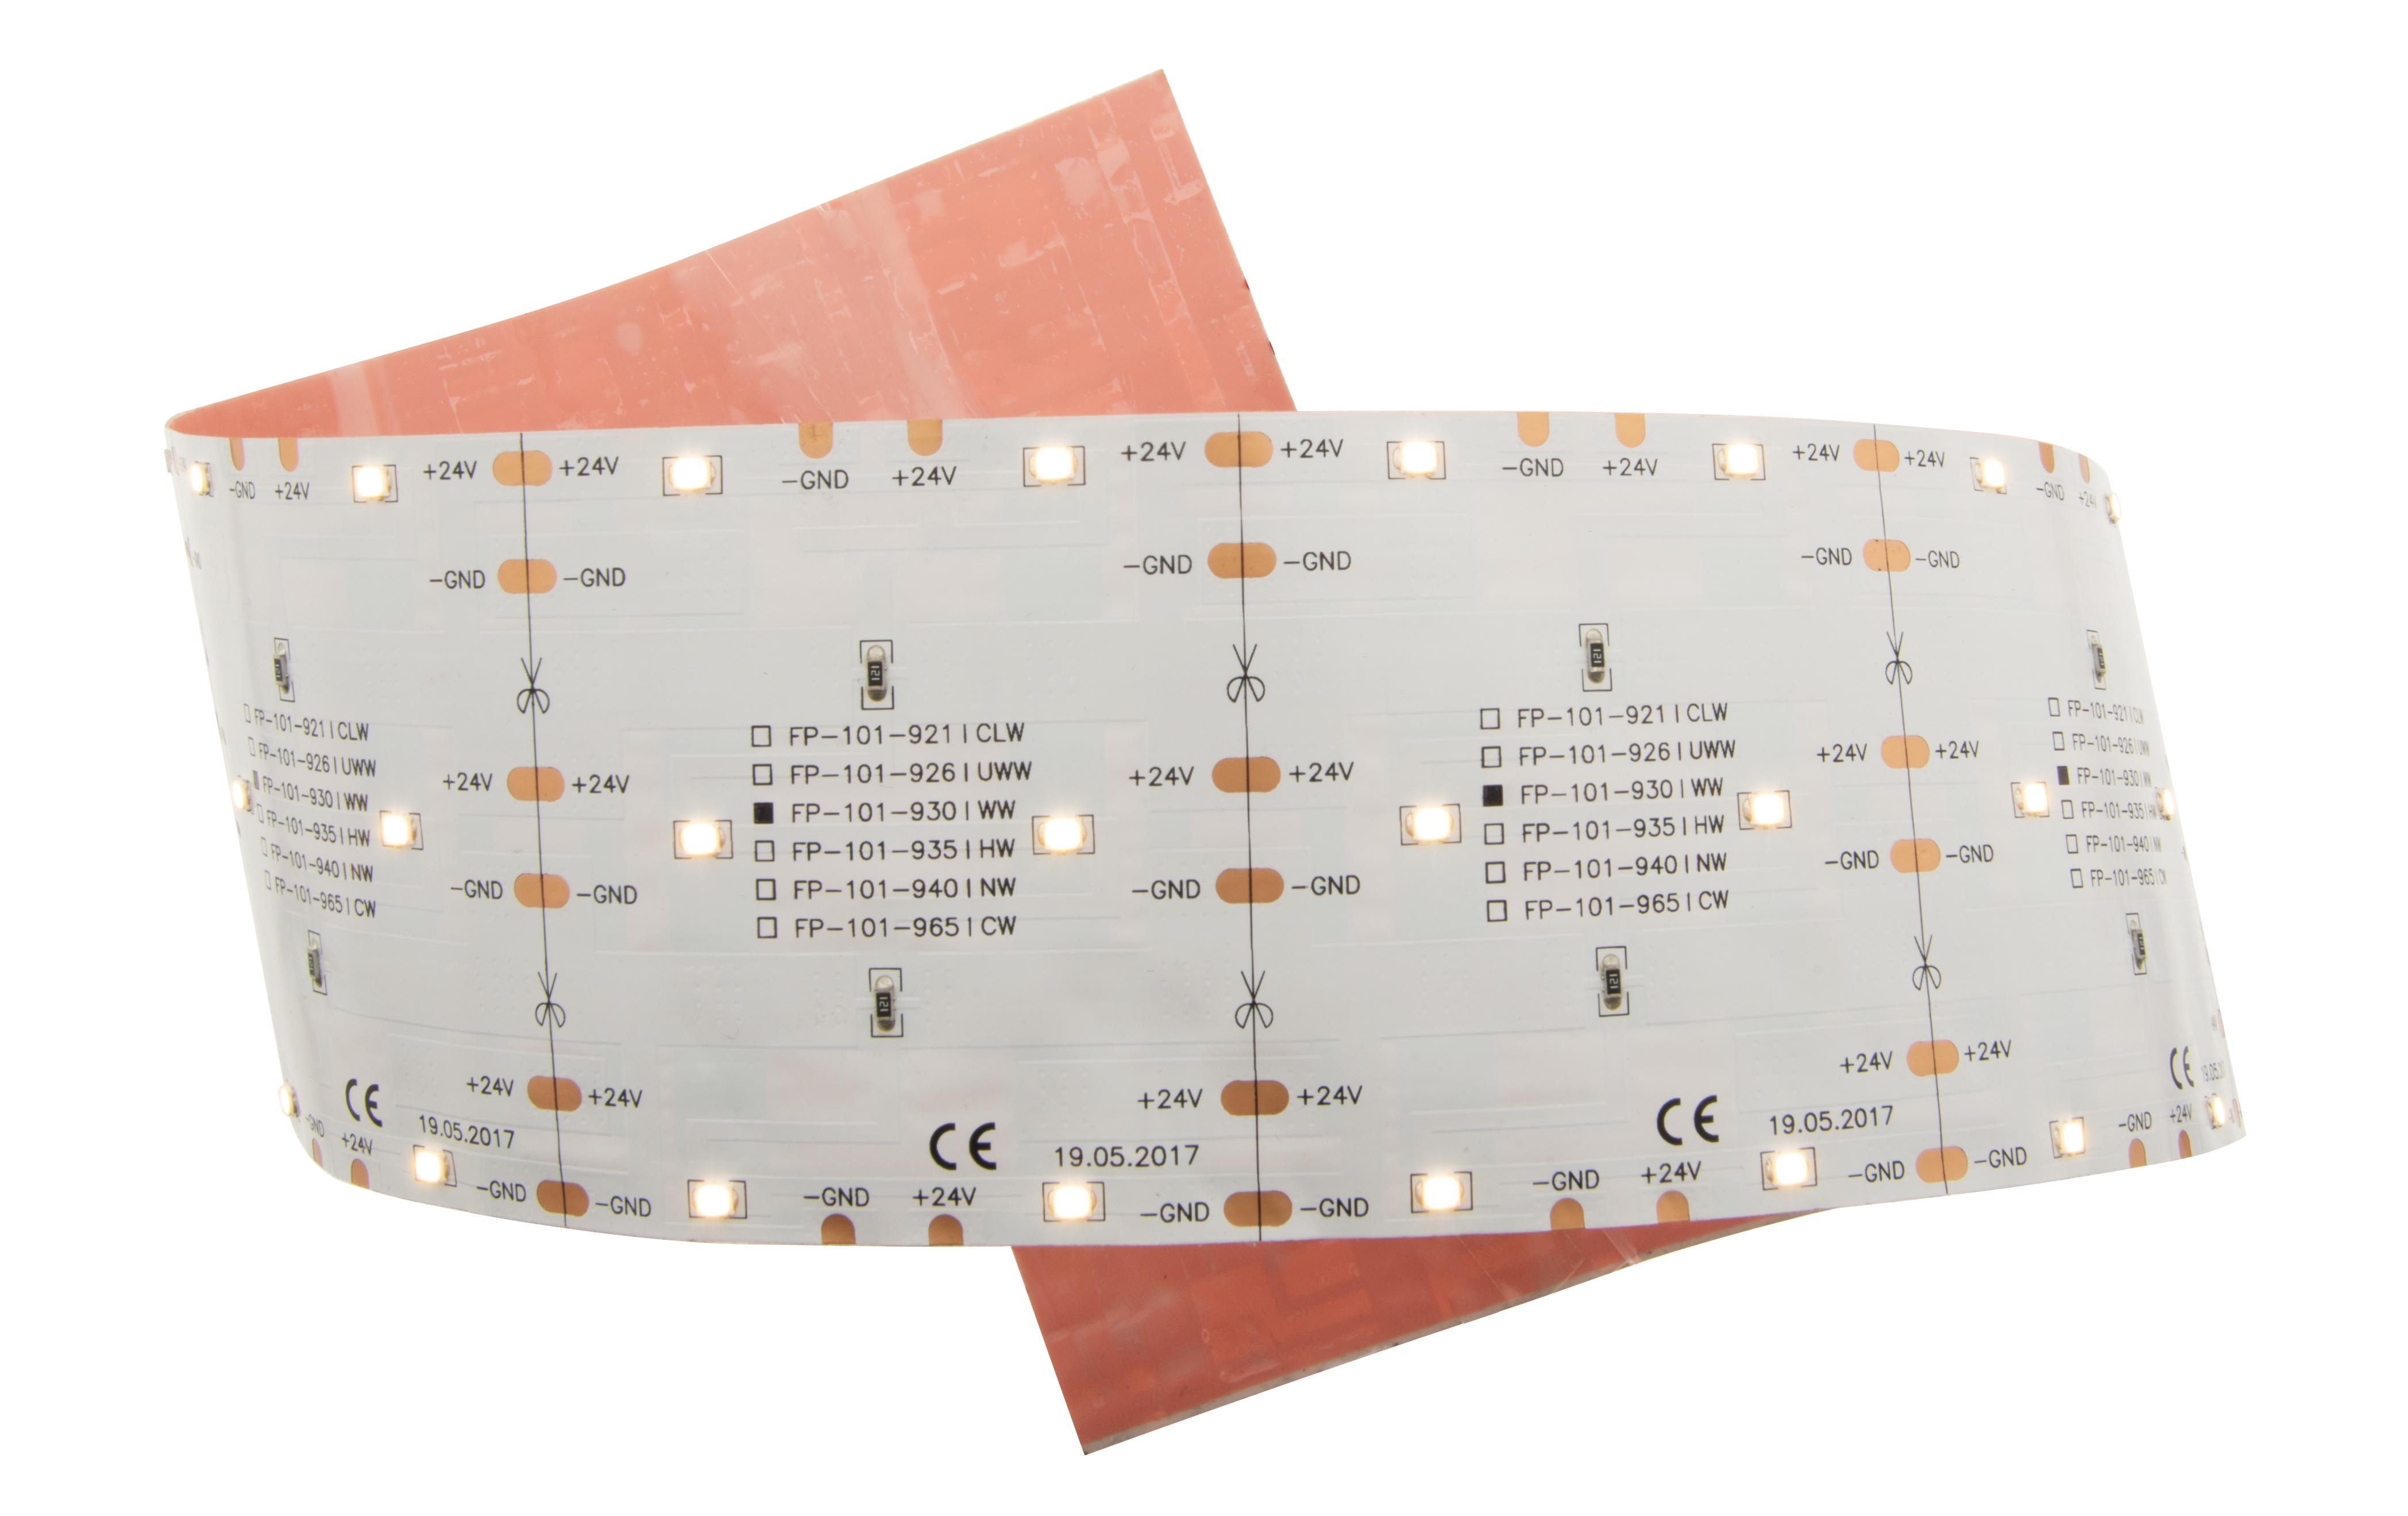 1 Stk LED Flexboard 7 NW (Neutral Weiss) - IP20, CRI/RA 90+ LIFP101940